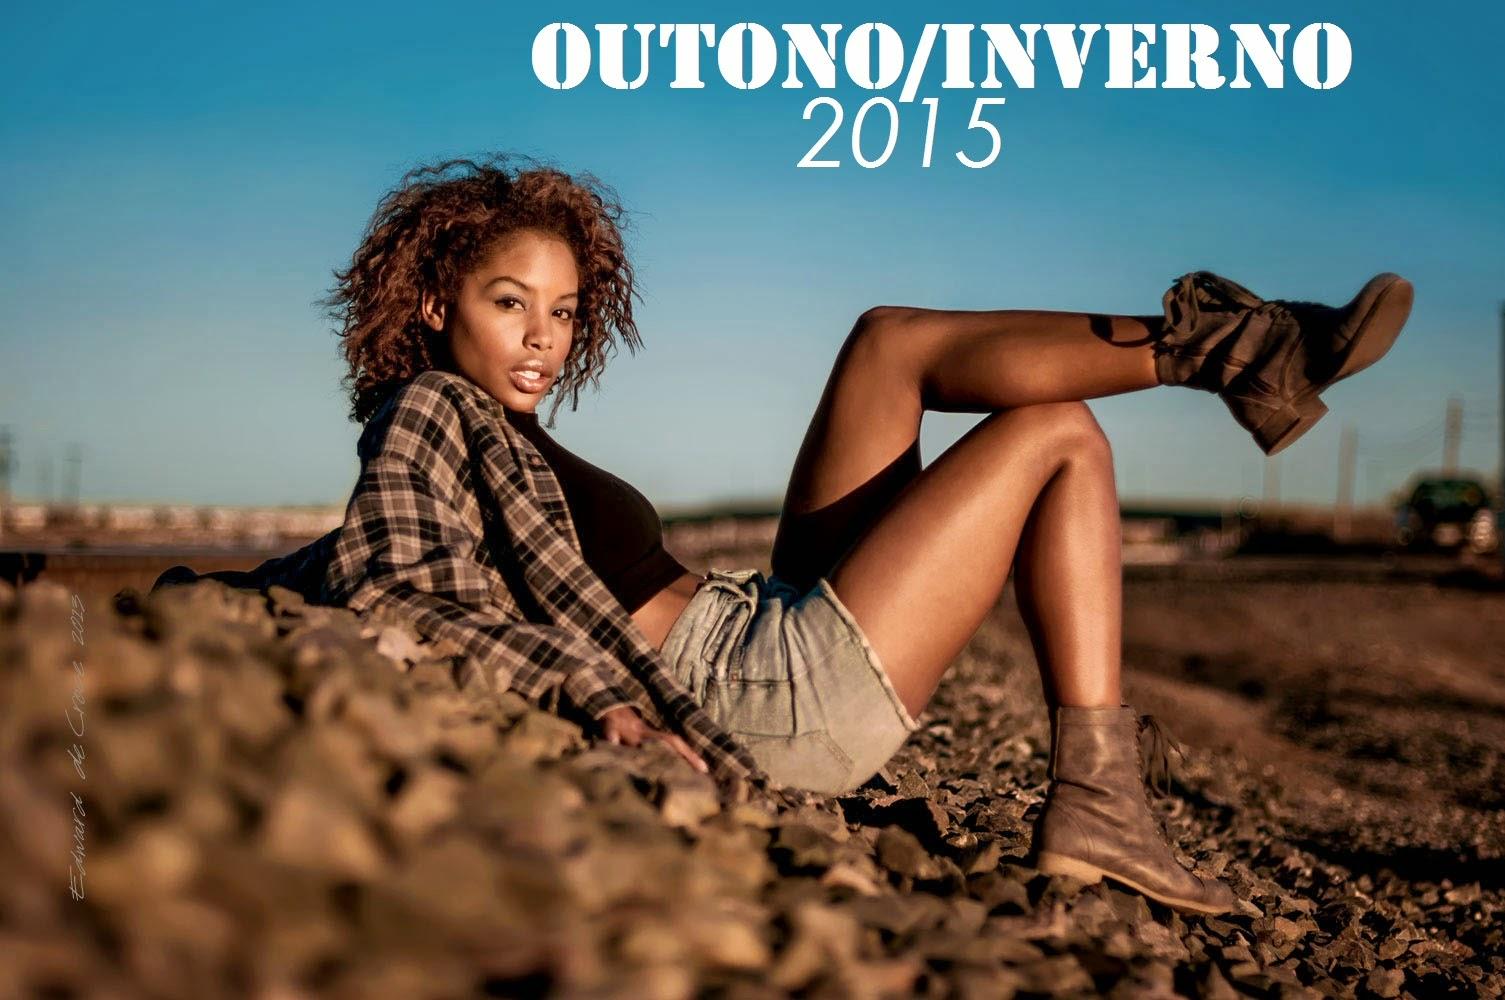 Preview de tendências: Outono/Inverno 2015